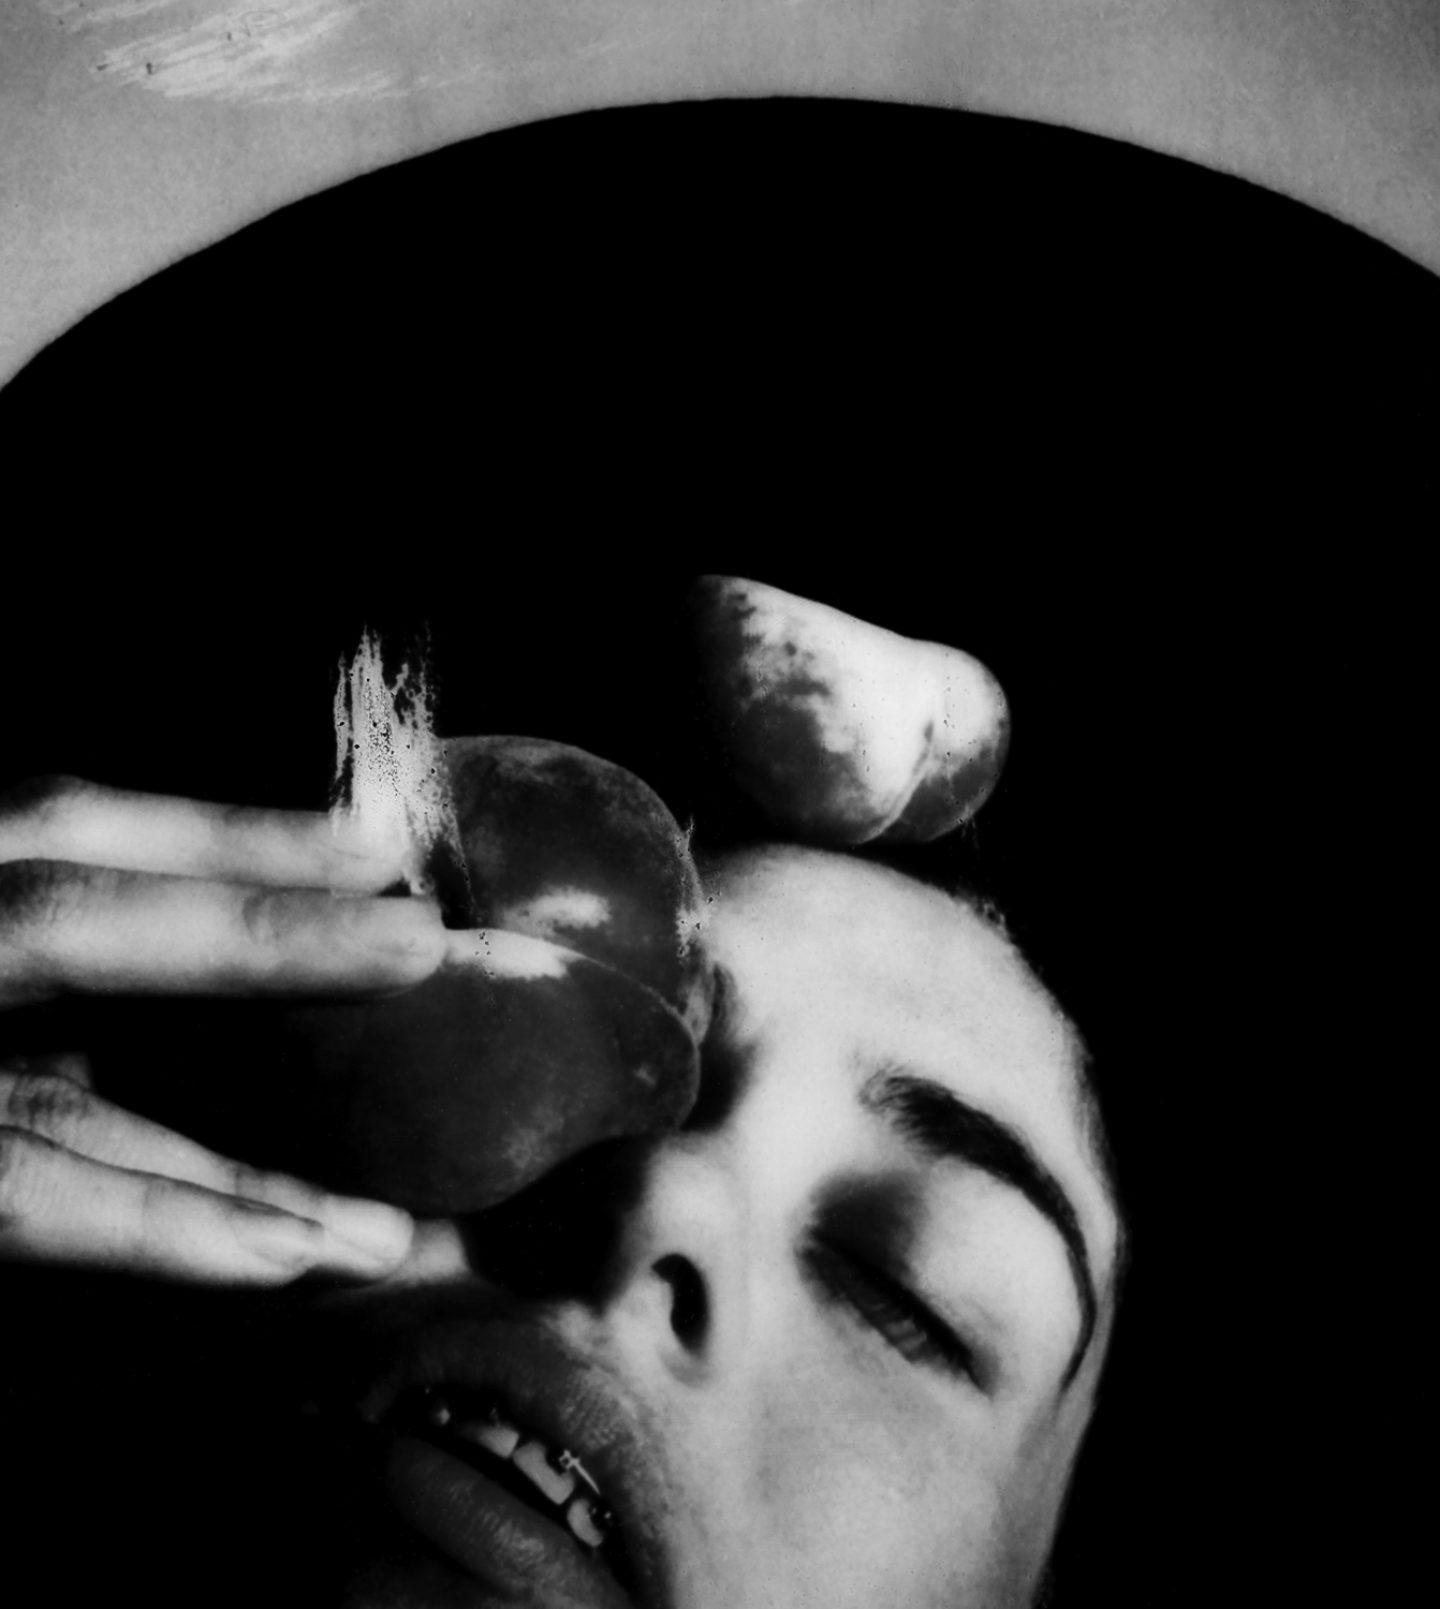 IGNANT-Photography-Jack-Davison-New-04